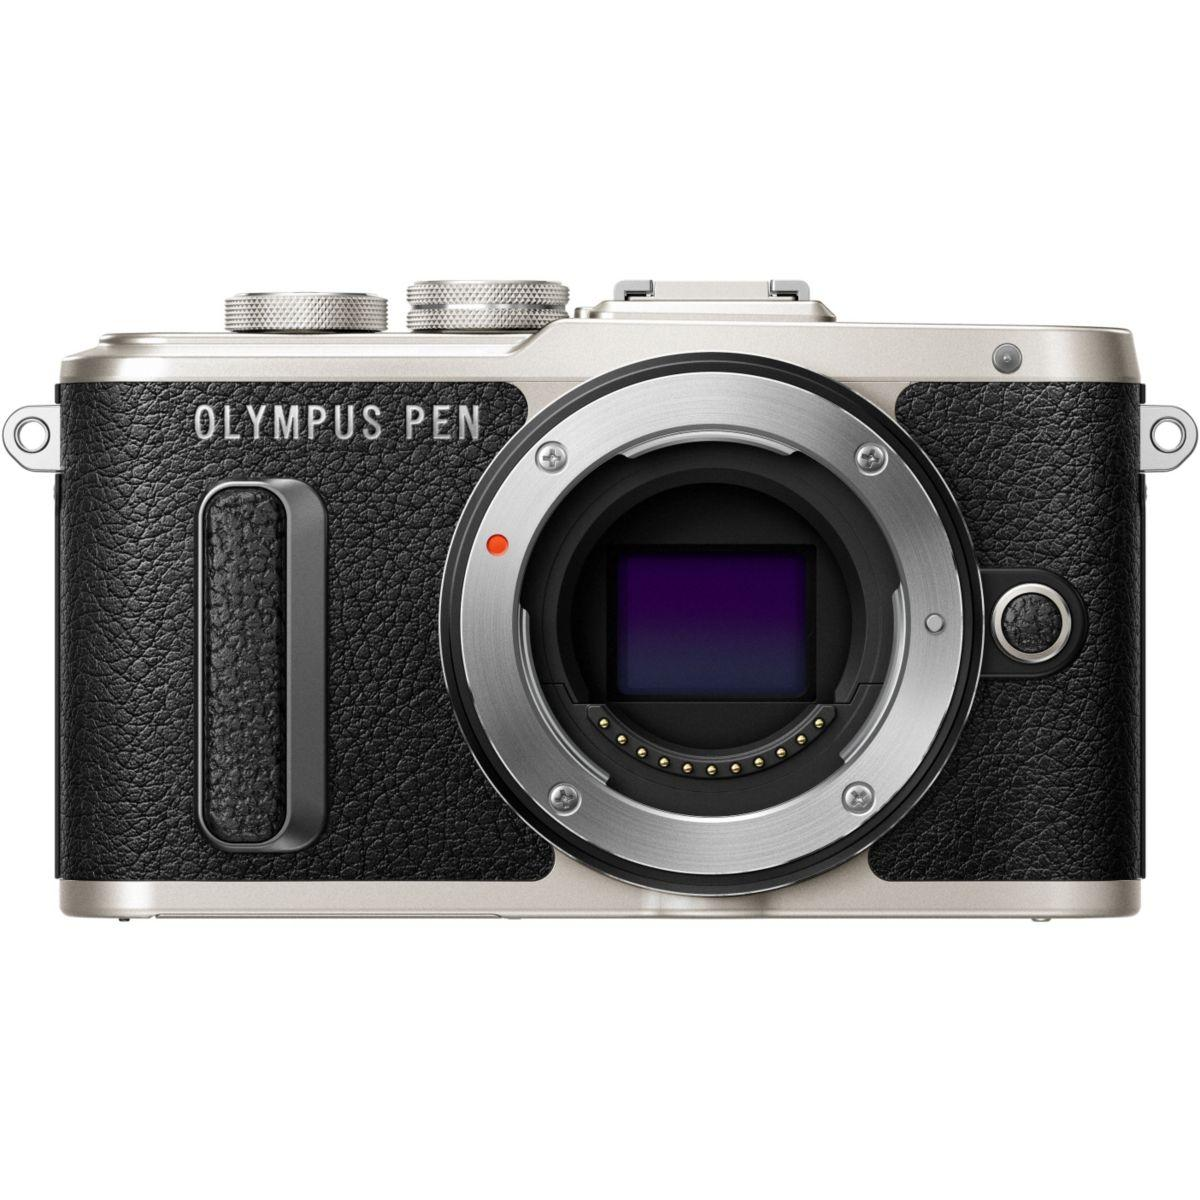 Apn olympus e-pl8 nu noir - 10% de remise immédiate avec le code : multi10 (photo)